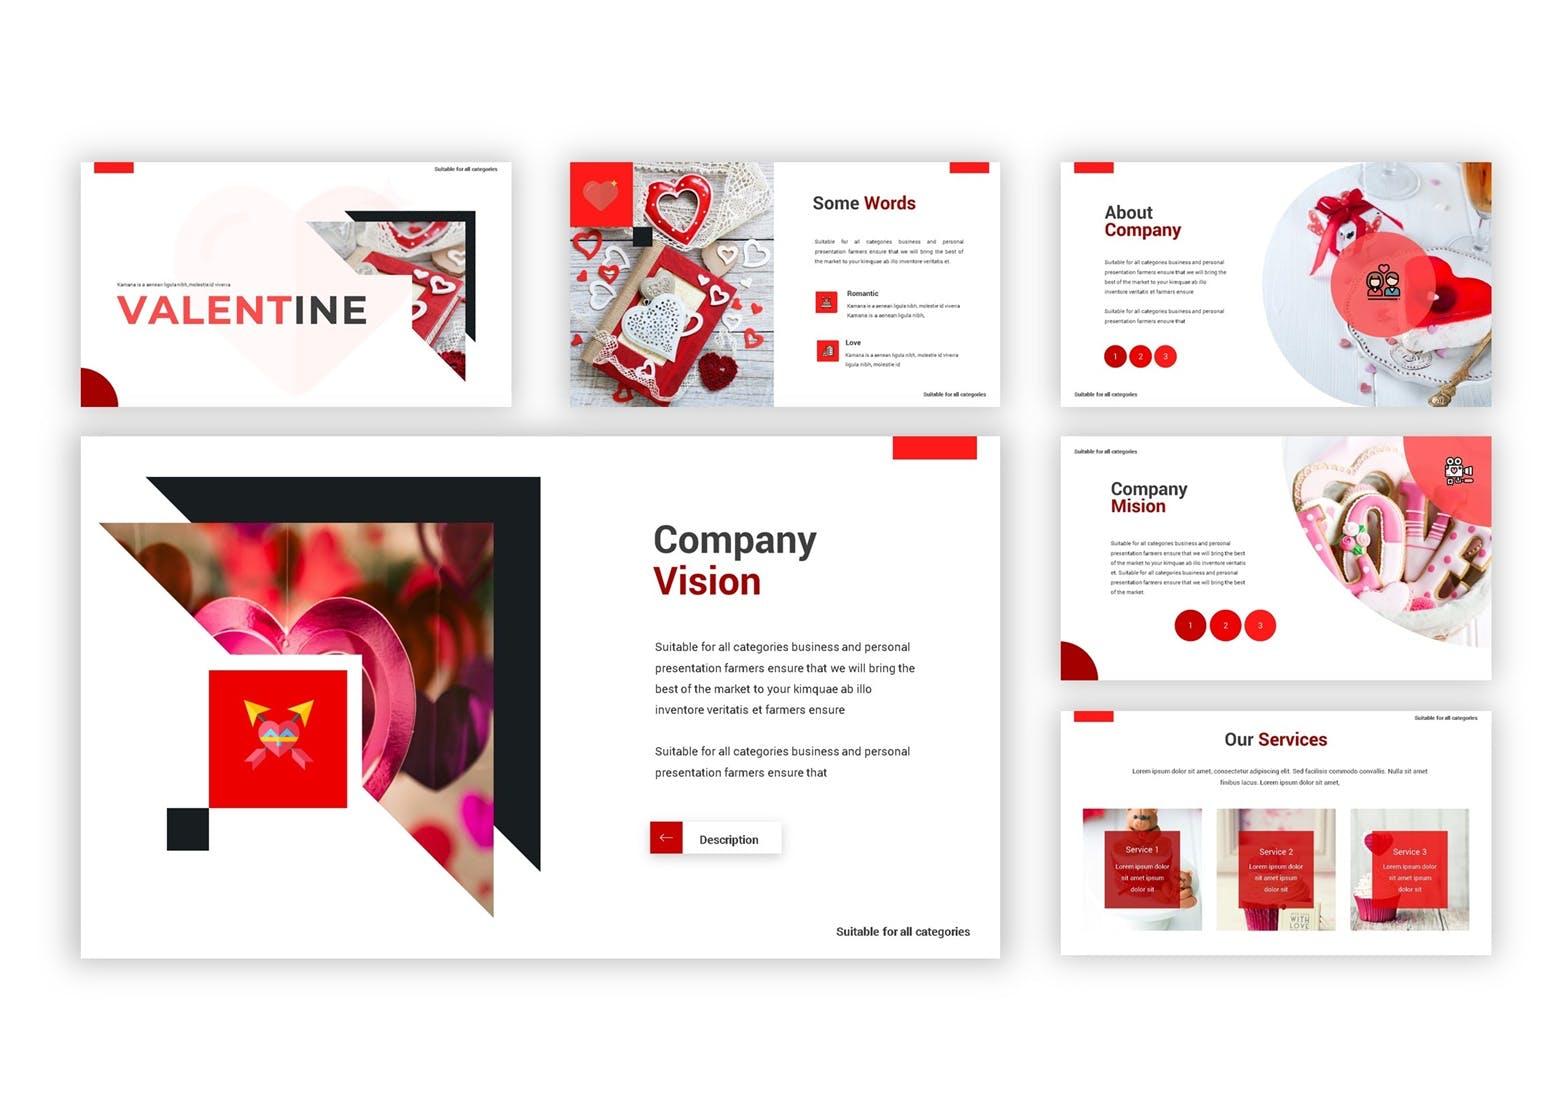 产品市场调研数据集PPT幻灯片模板下载Valentine Google Slides Template插图(2)